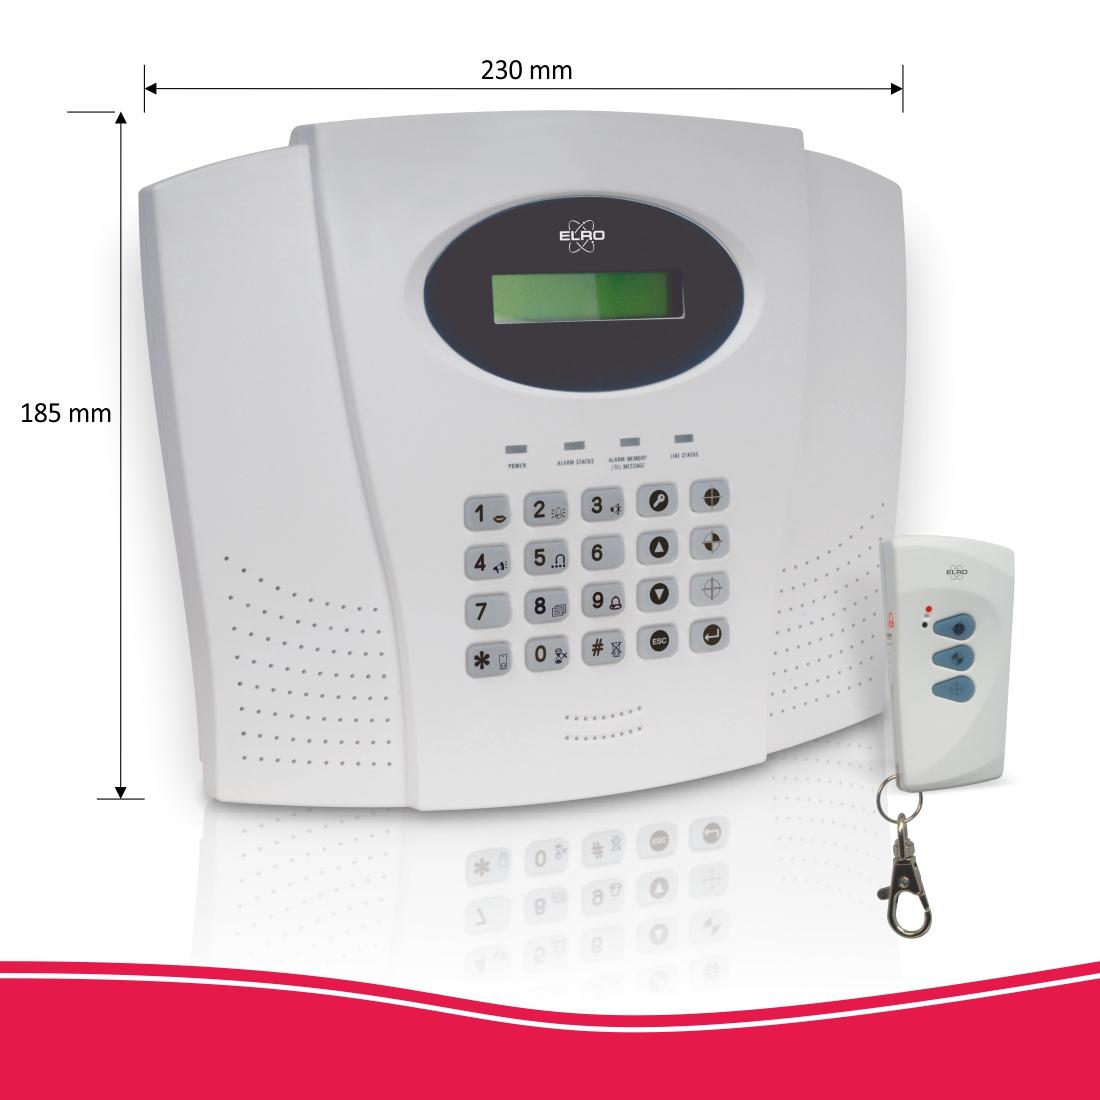 ELRO Pro alarmpaneel